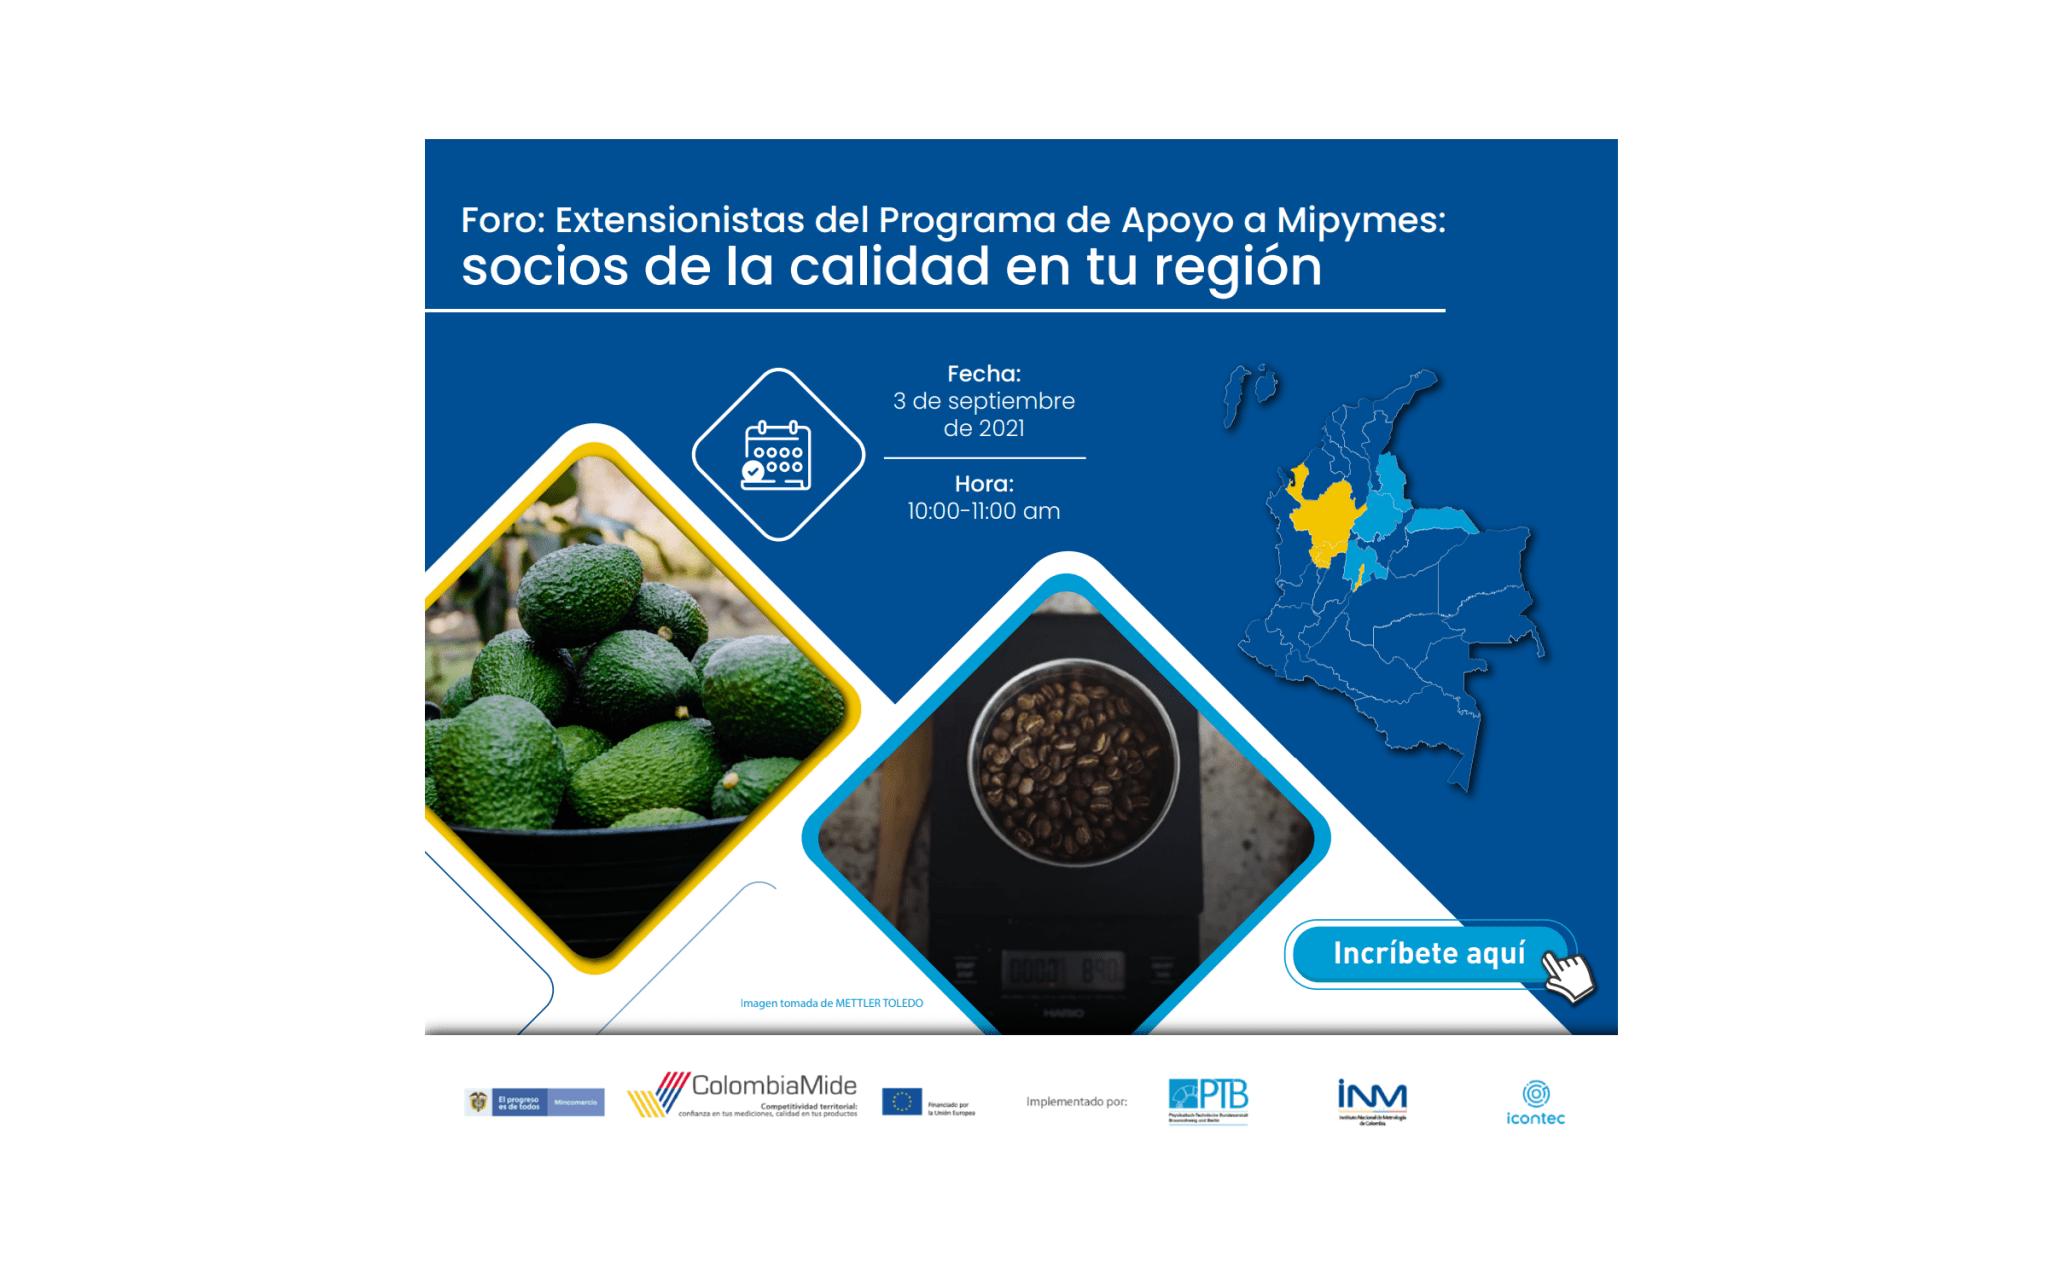 """ColombiaMide lanzó resultados de la asistencia técnica a Mipymes (PAM) con el foro: """"Extensionistas del Programa de Apoyo a Mipymes: socios de la calidad en tu región"""""""